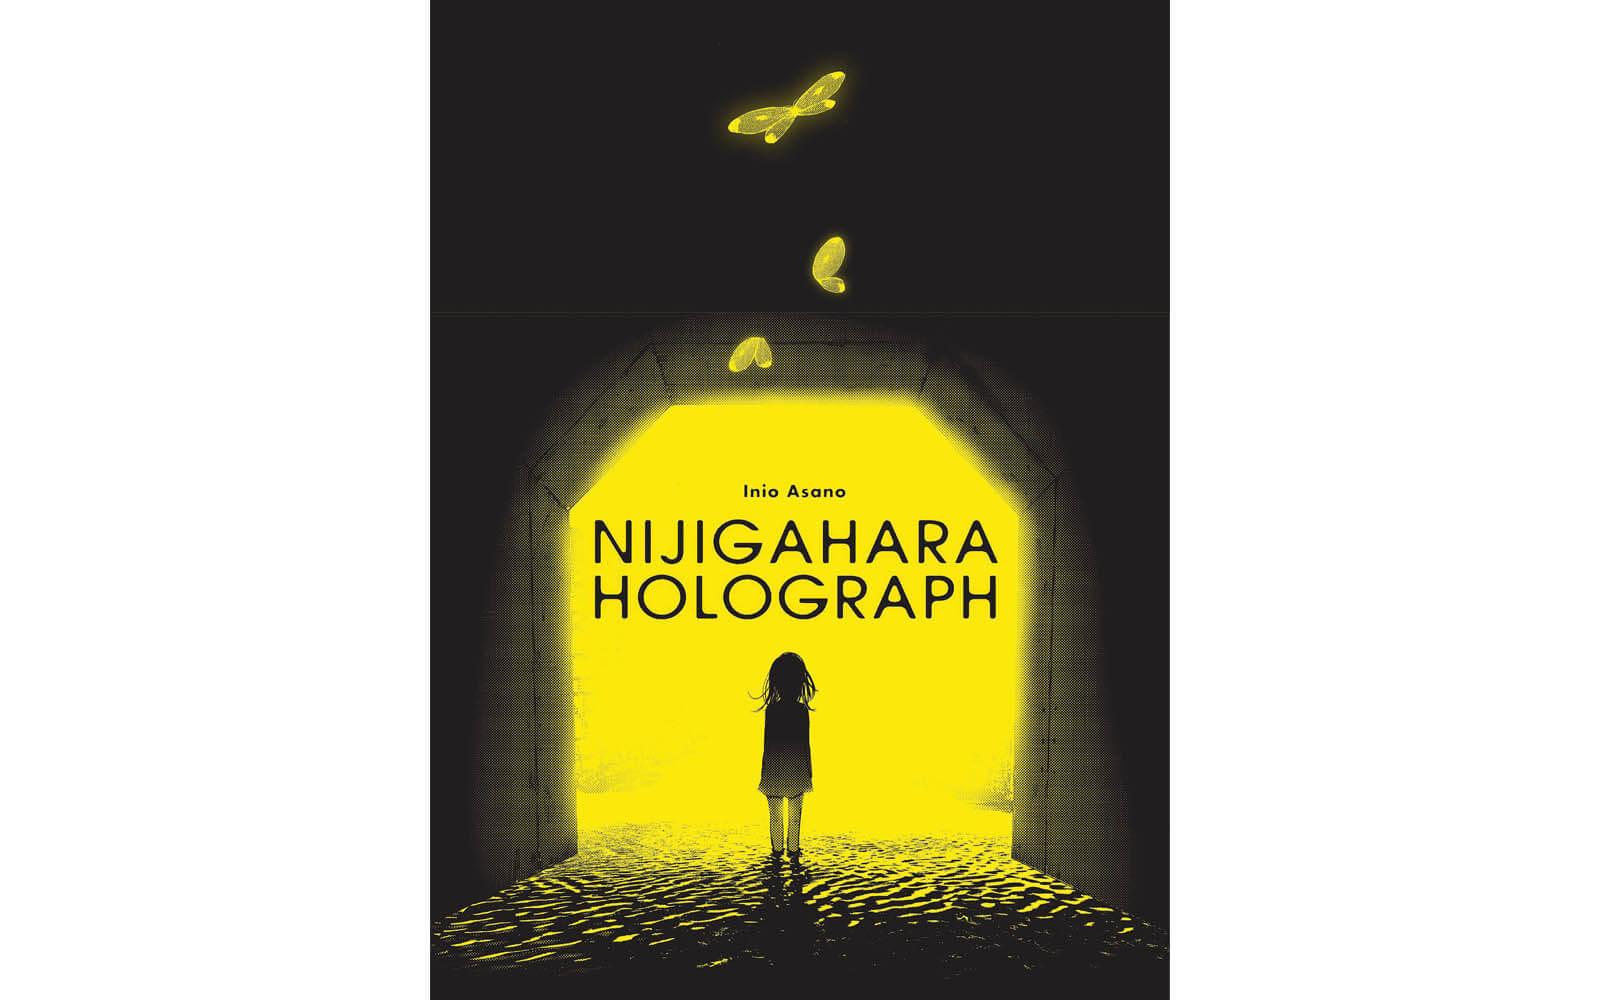 Nijigahara Holograph Manga Cover